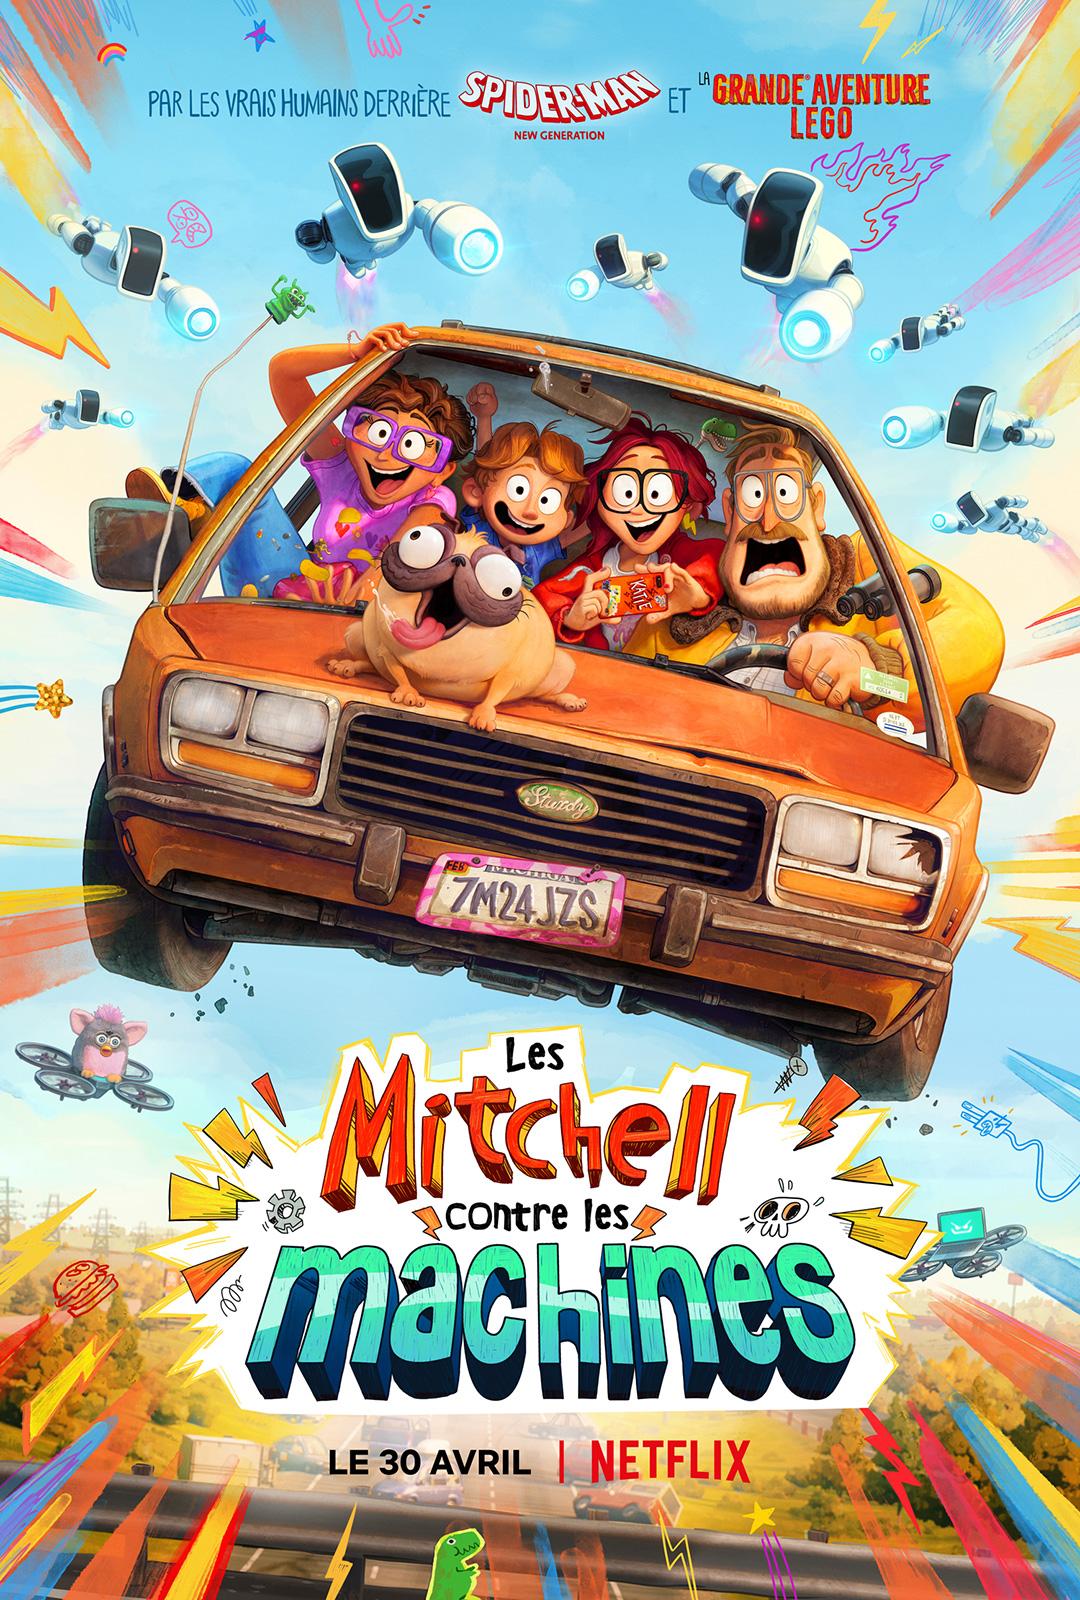 Les Mitchell contre les machines - film 2021 - AlloCiné